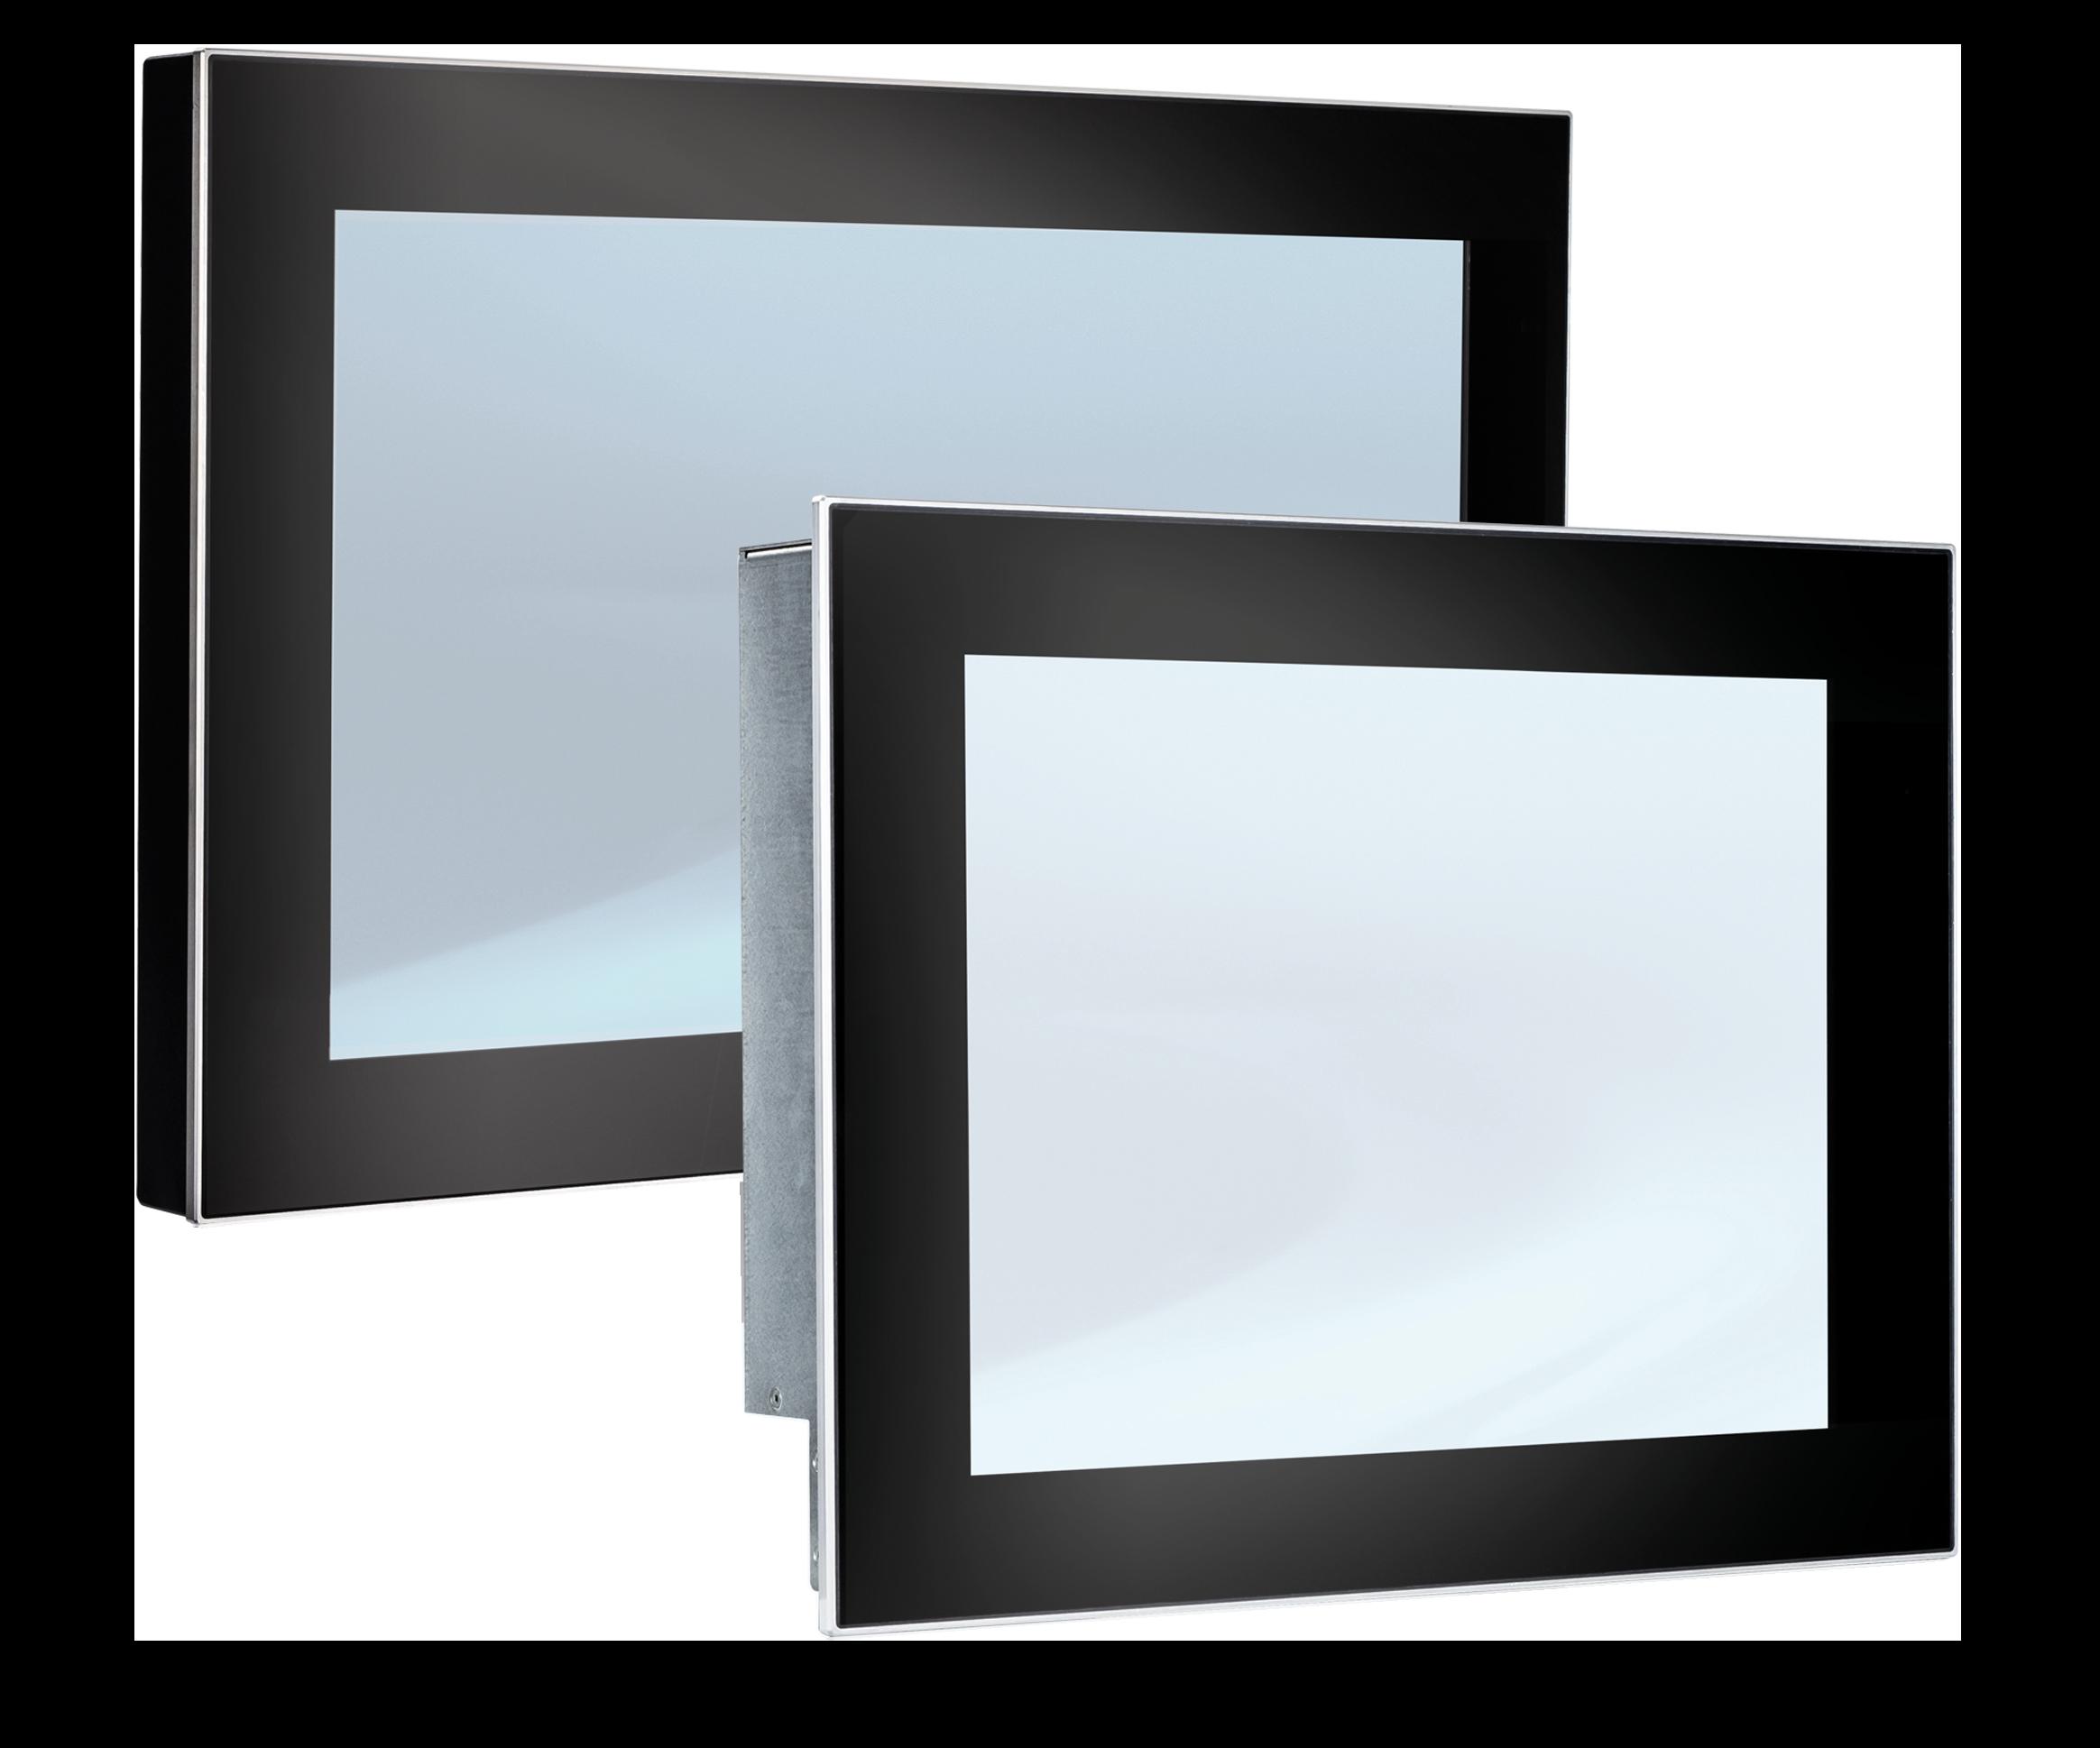 FlatClient industrial Panel PCs